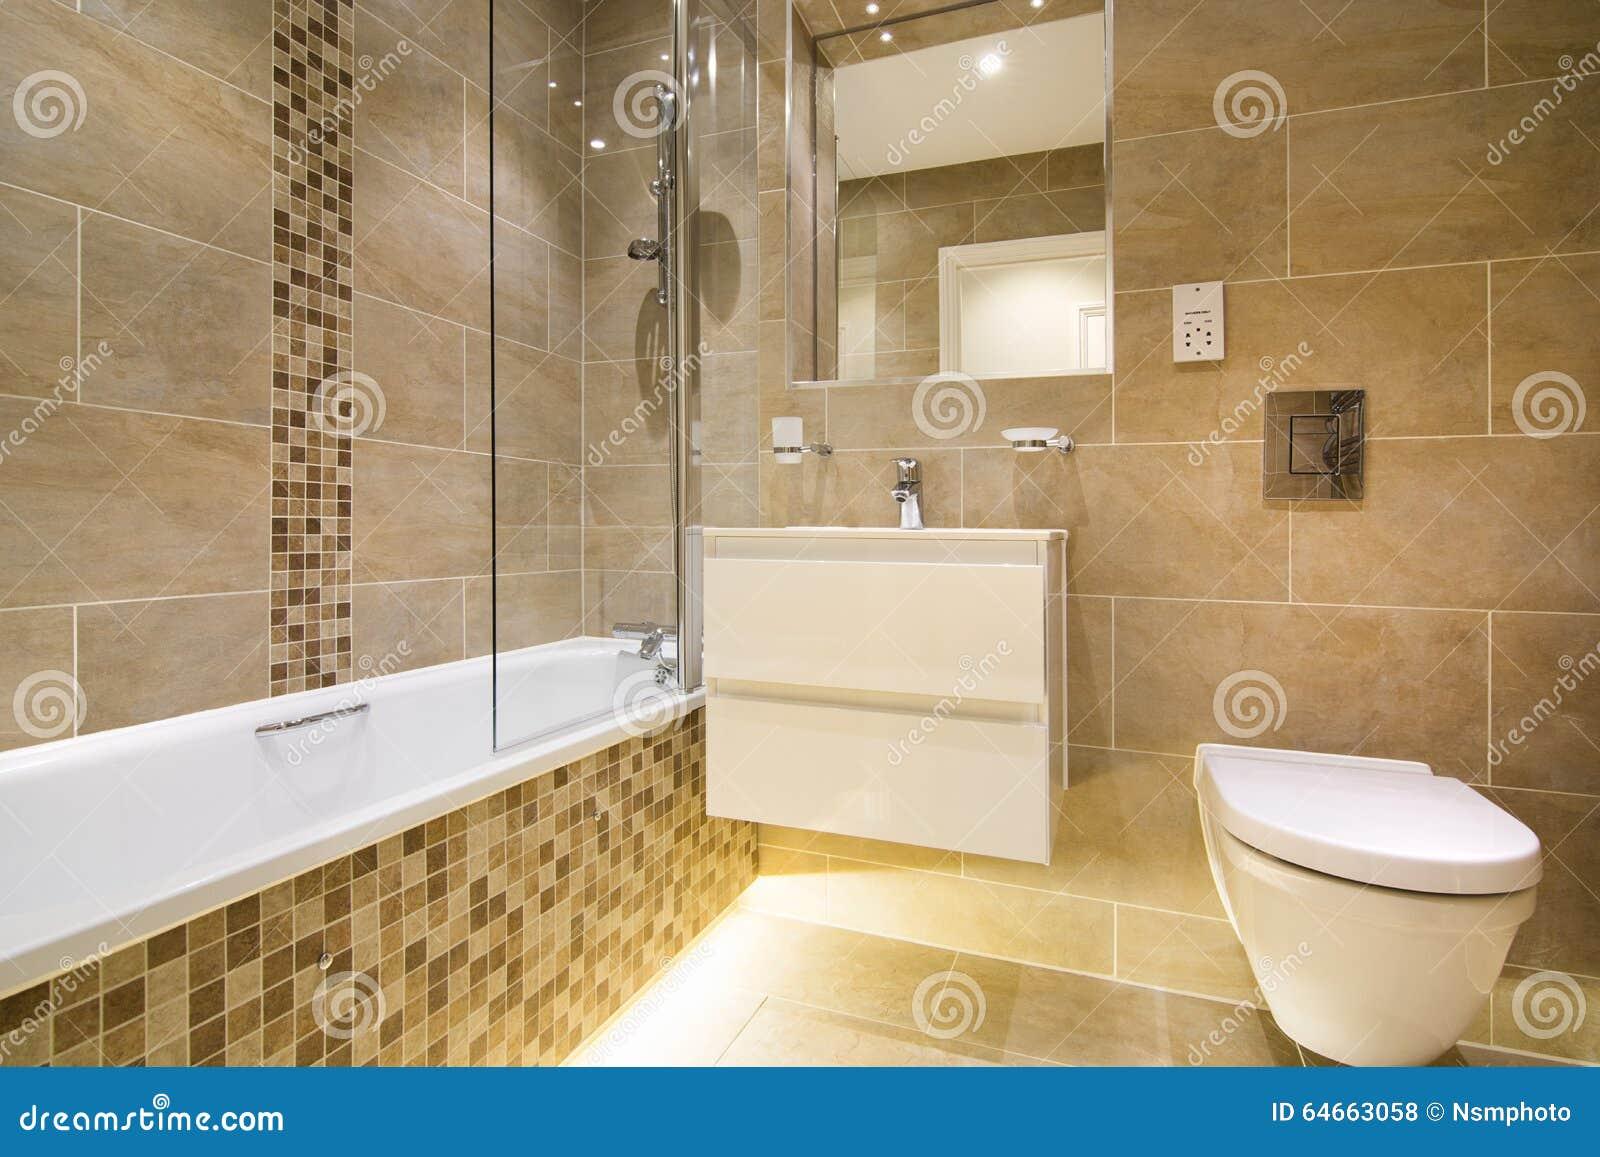 Luxo Banheiro De Três Partes No Bege Marrom Foto de Stock Imagem  #82A328 1300x957 Banheiro Bege E Marrom